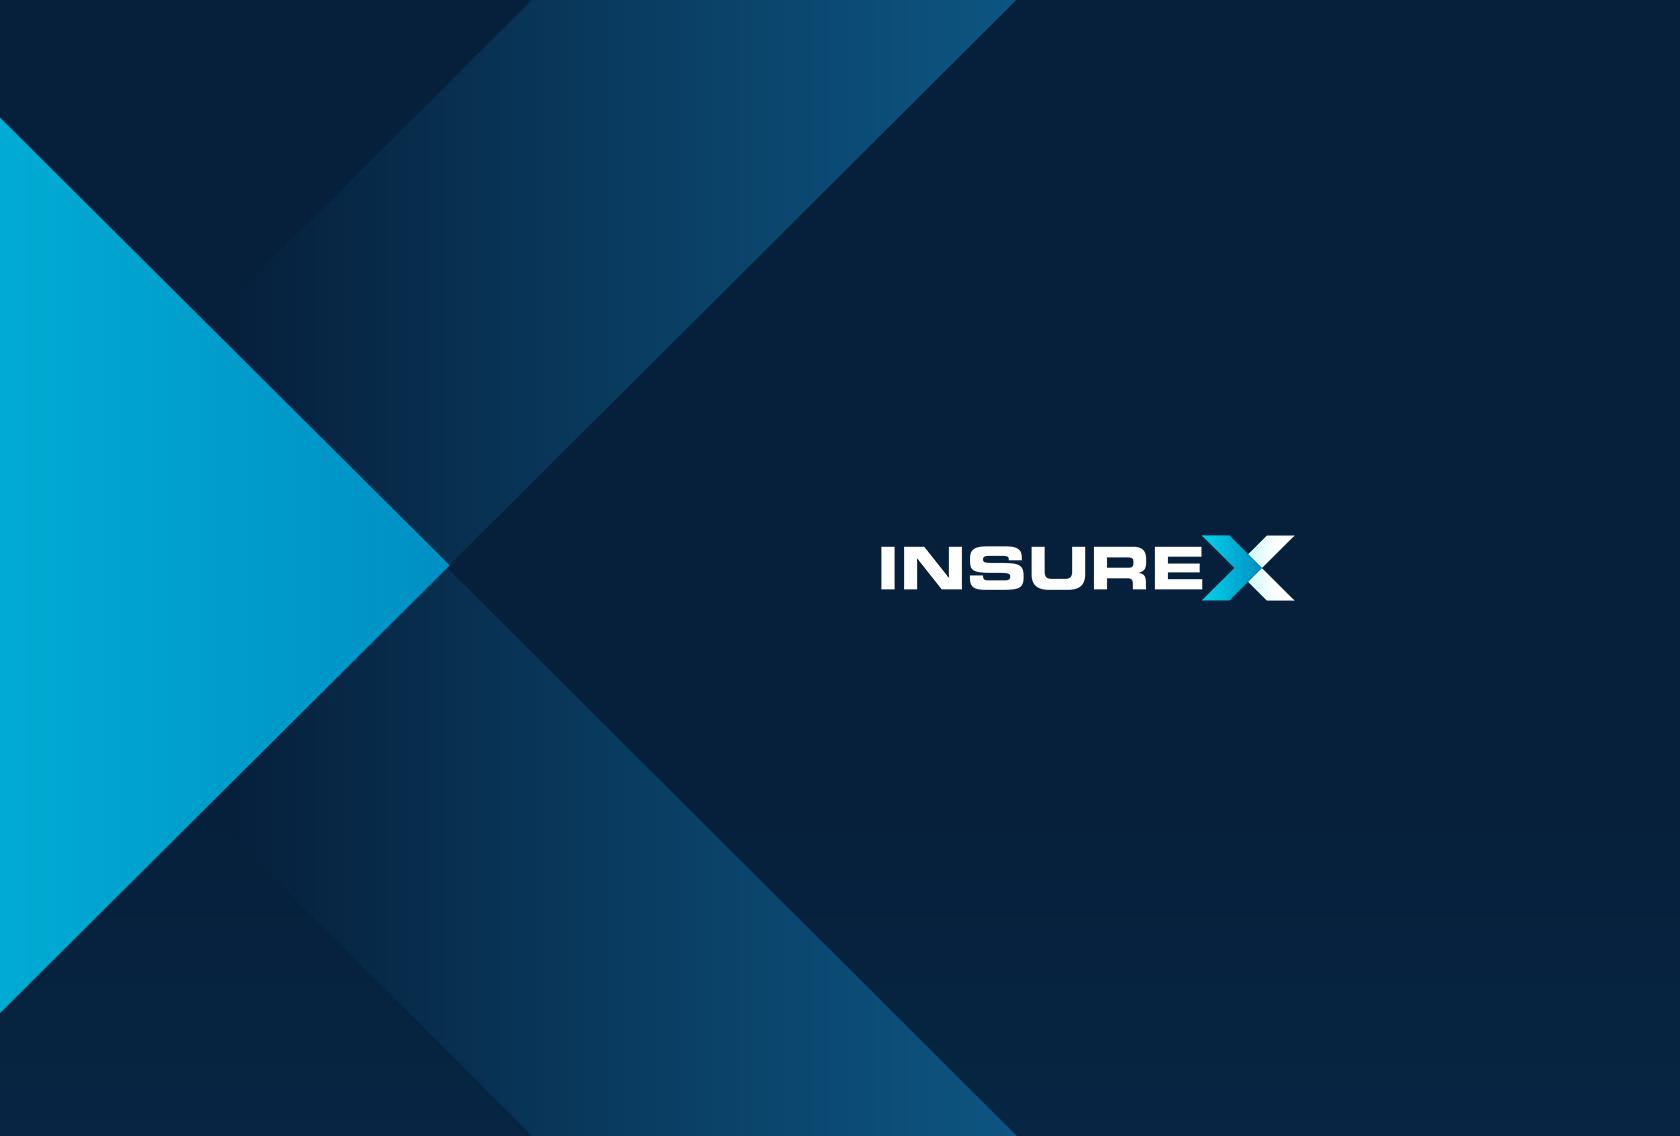 InsureX Logo Dark 1 - InsureX (Branding) - Creative Digital